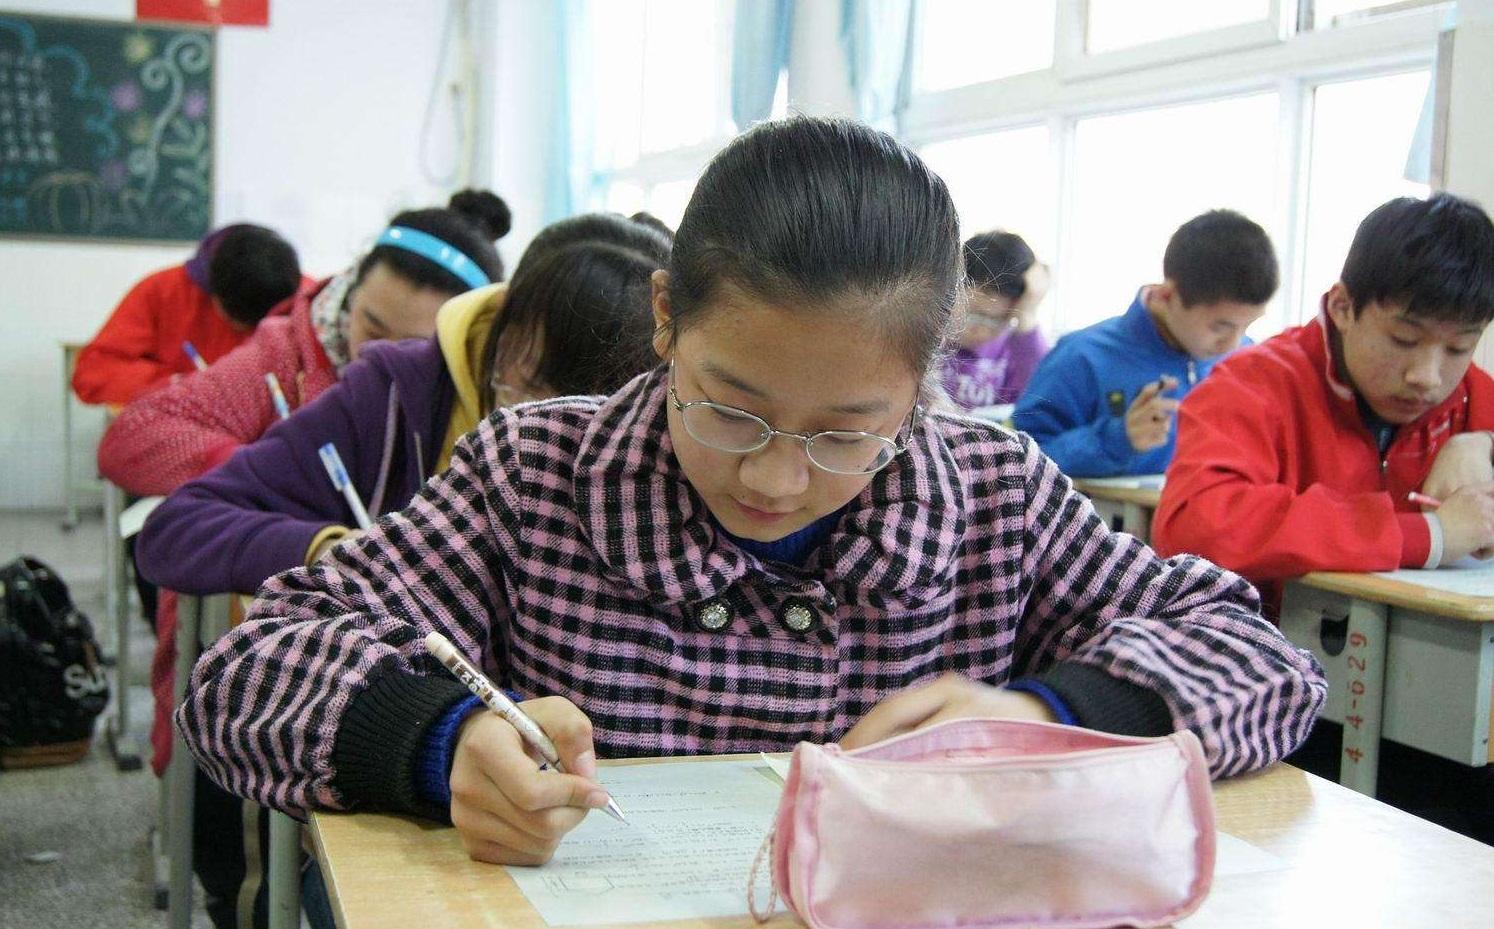 原创中学生很苦恼,为什么中学数学考试经常想不到?老师说出了实情